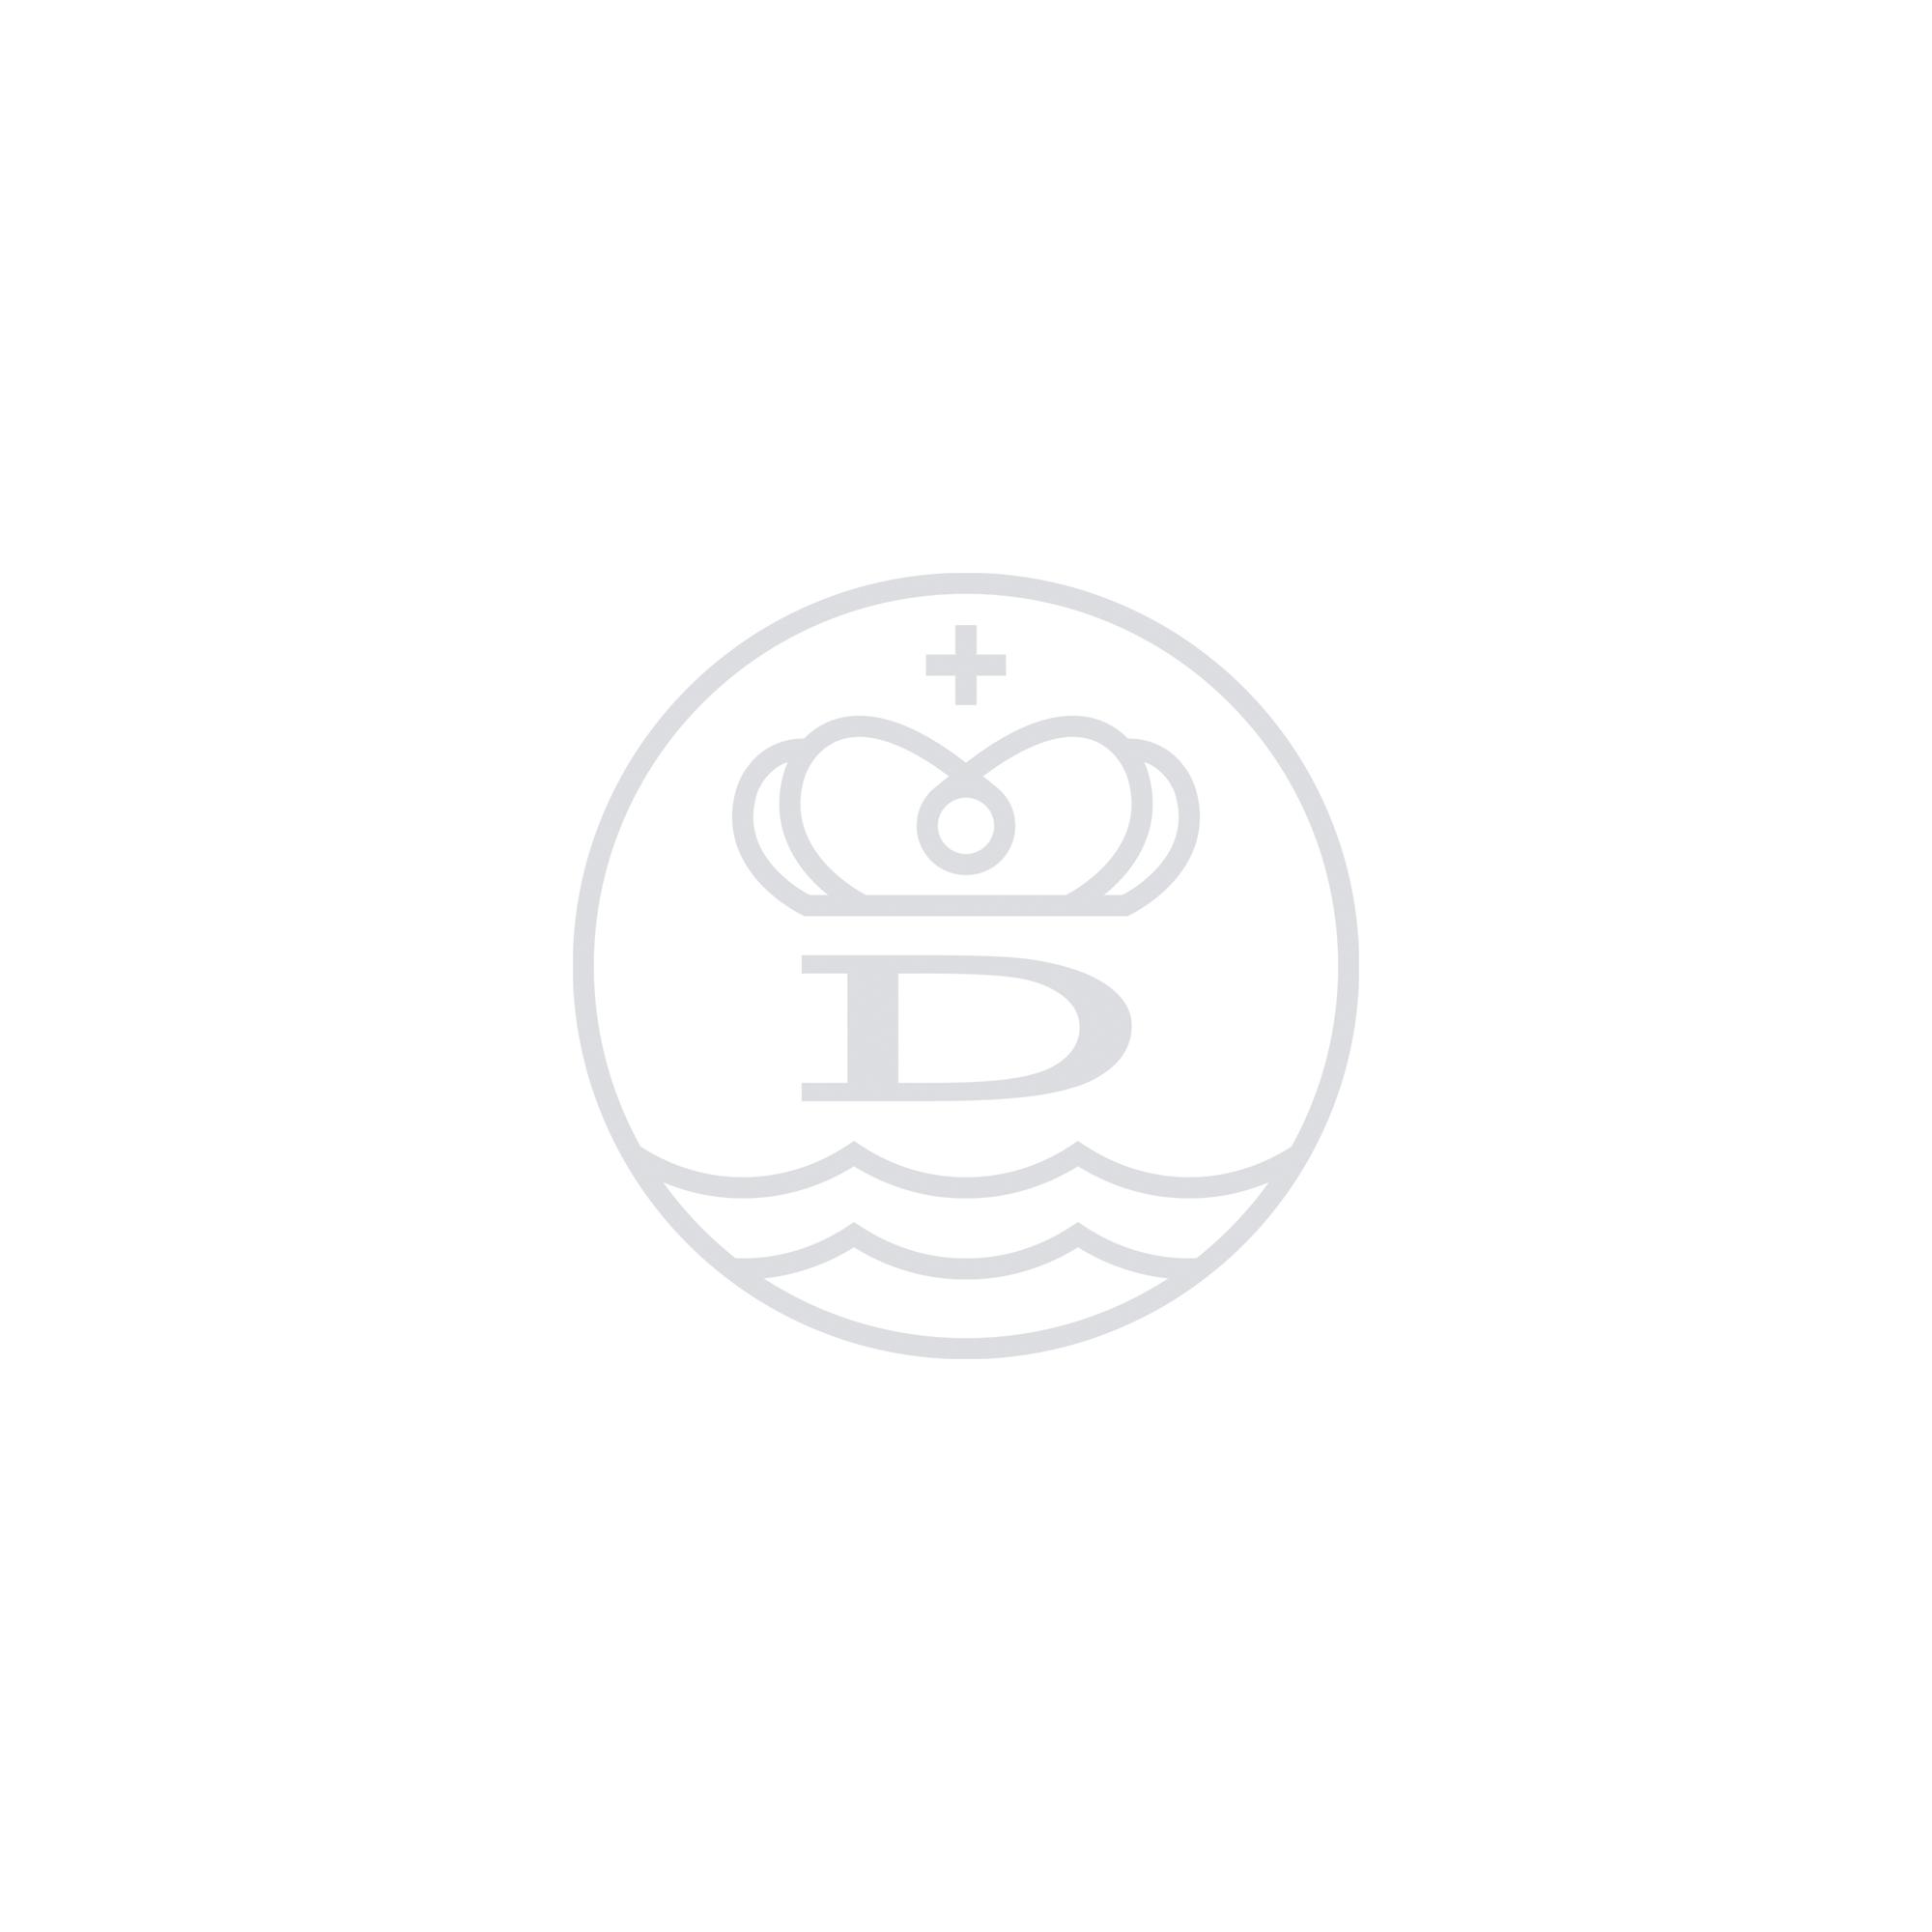 LANA Gold Aquamarine Ring  detailed